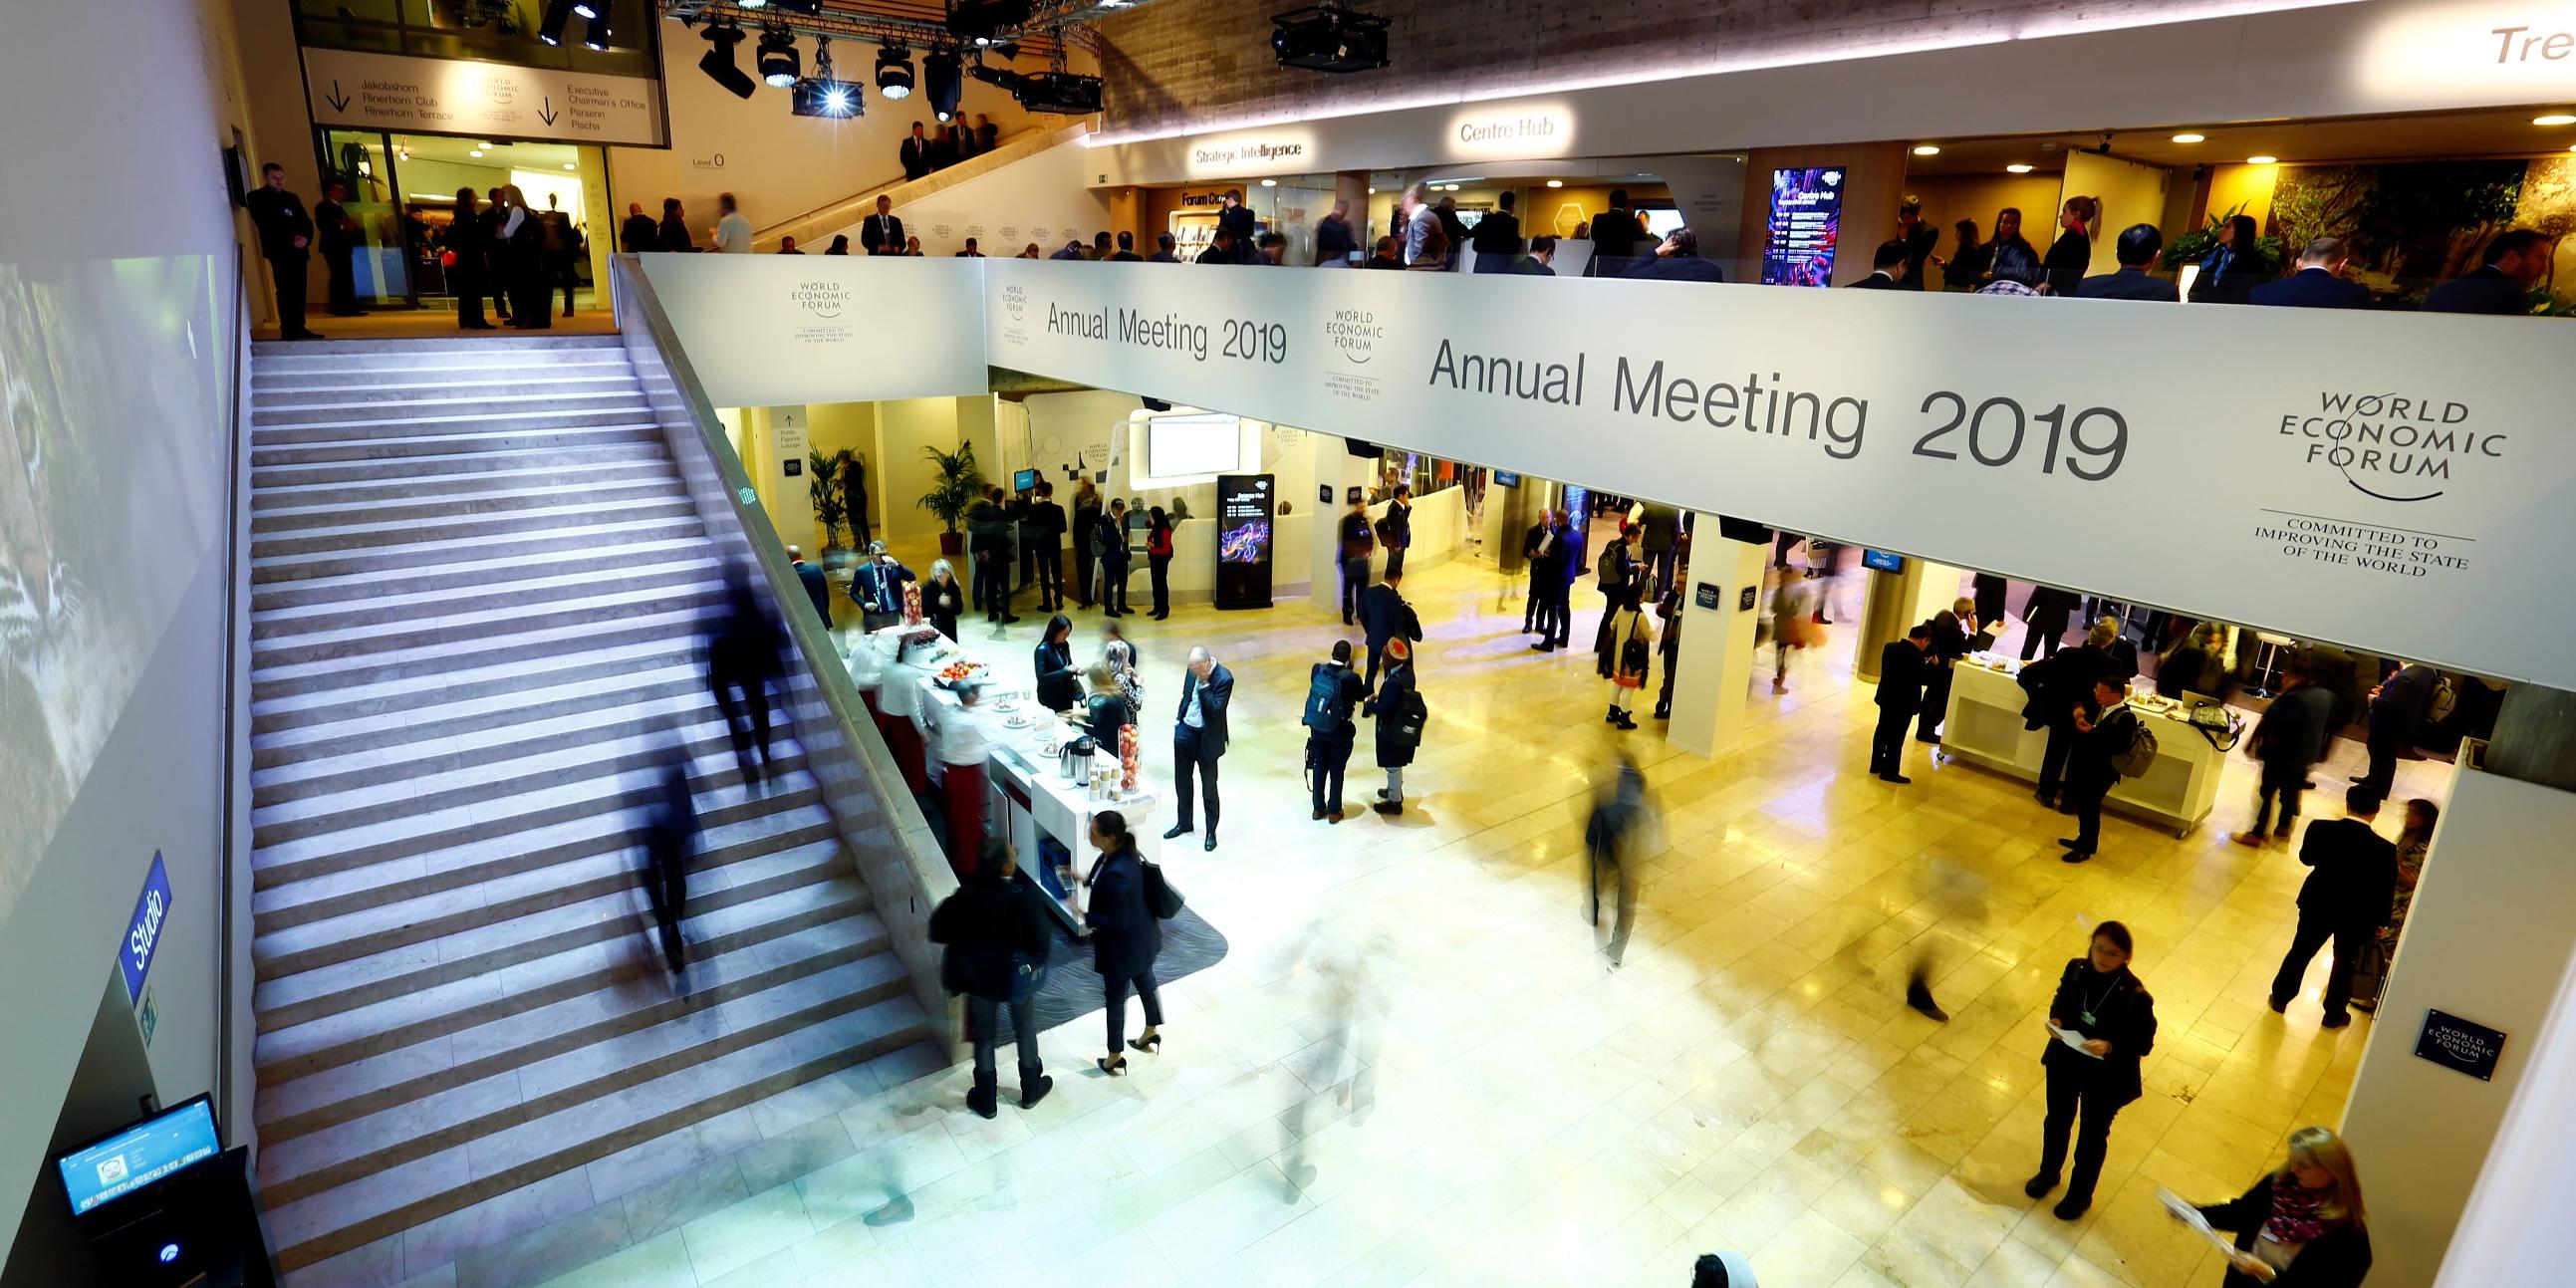 À Davos, la fin d'un monde